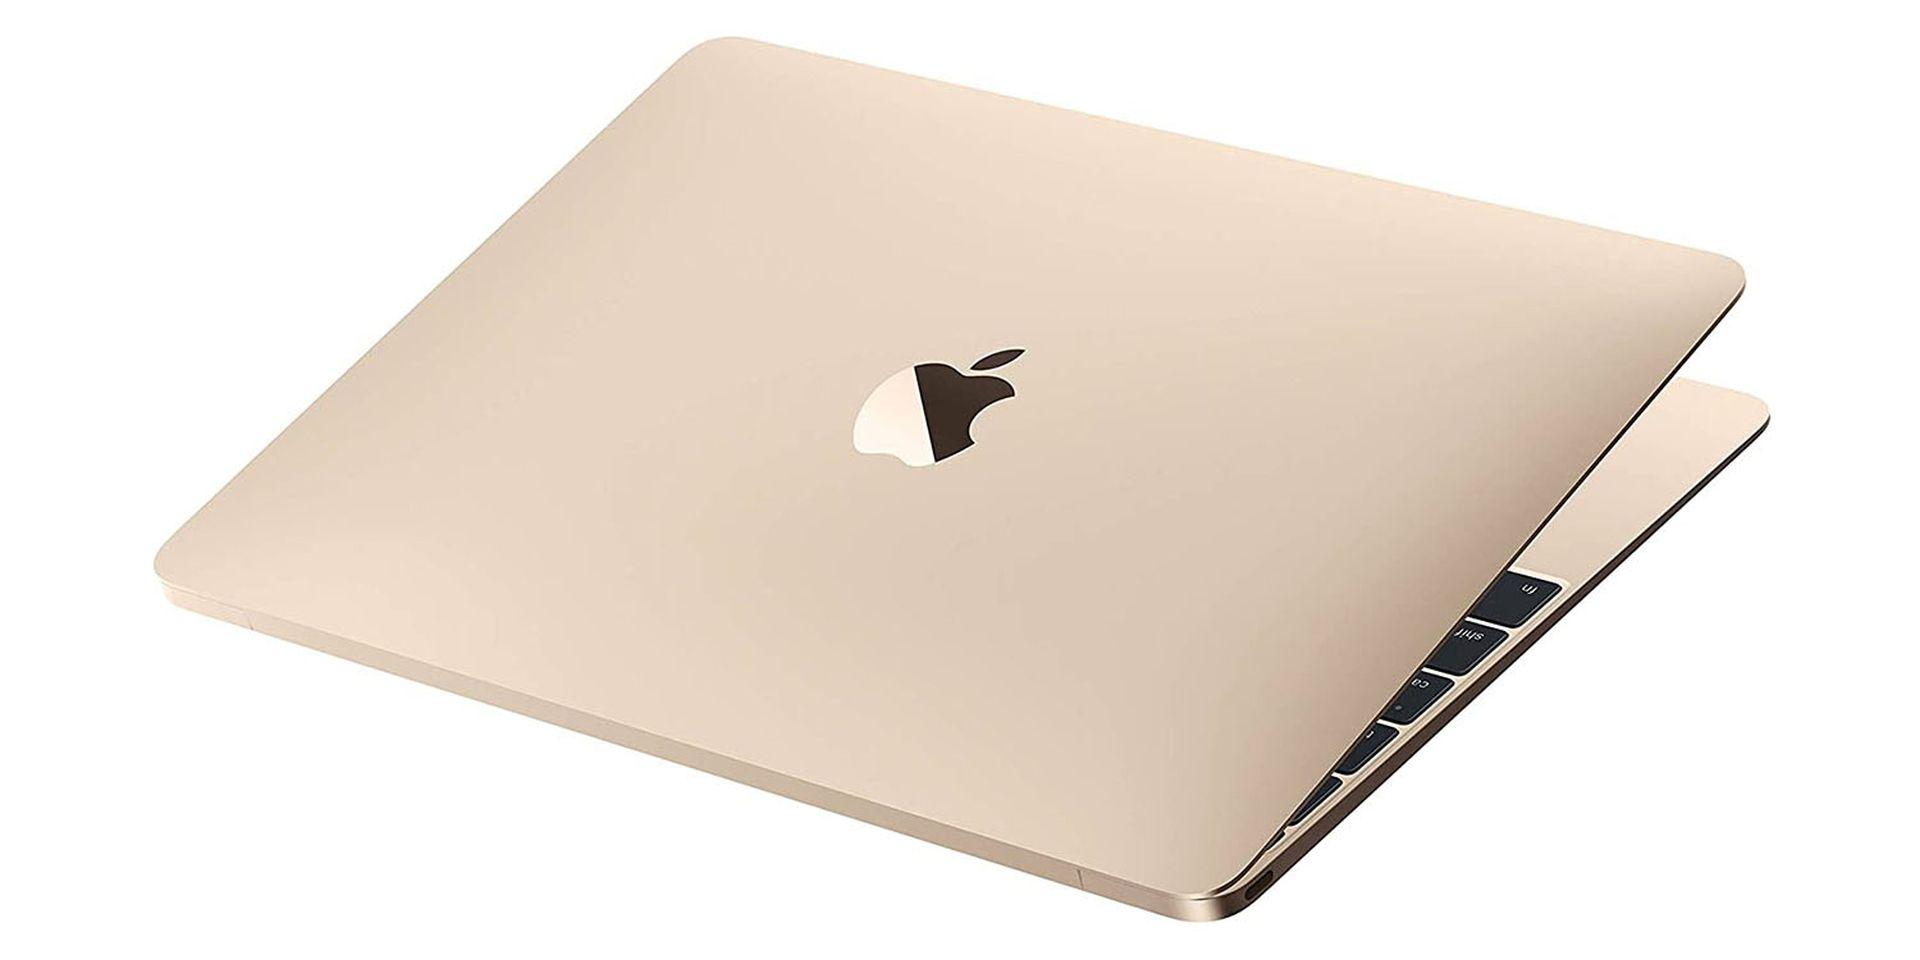 Wkrótce ruszy produkcja procesorów Apple dla MacBooków i iPadów